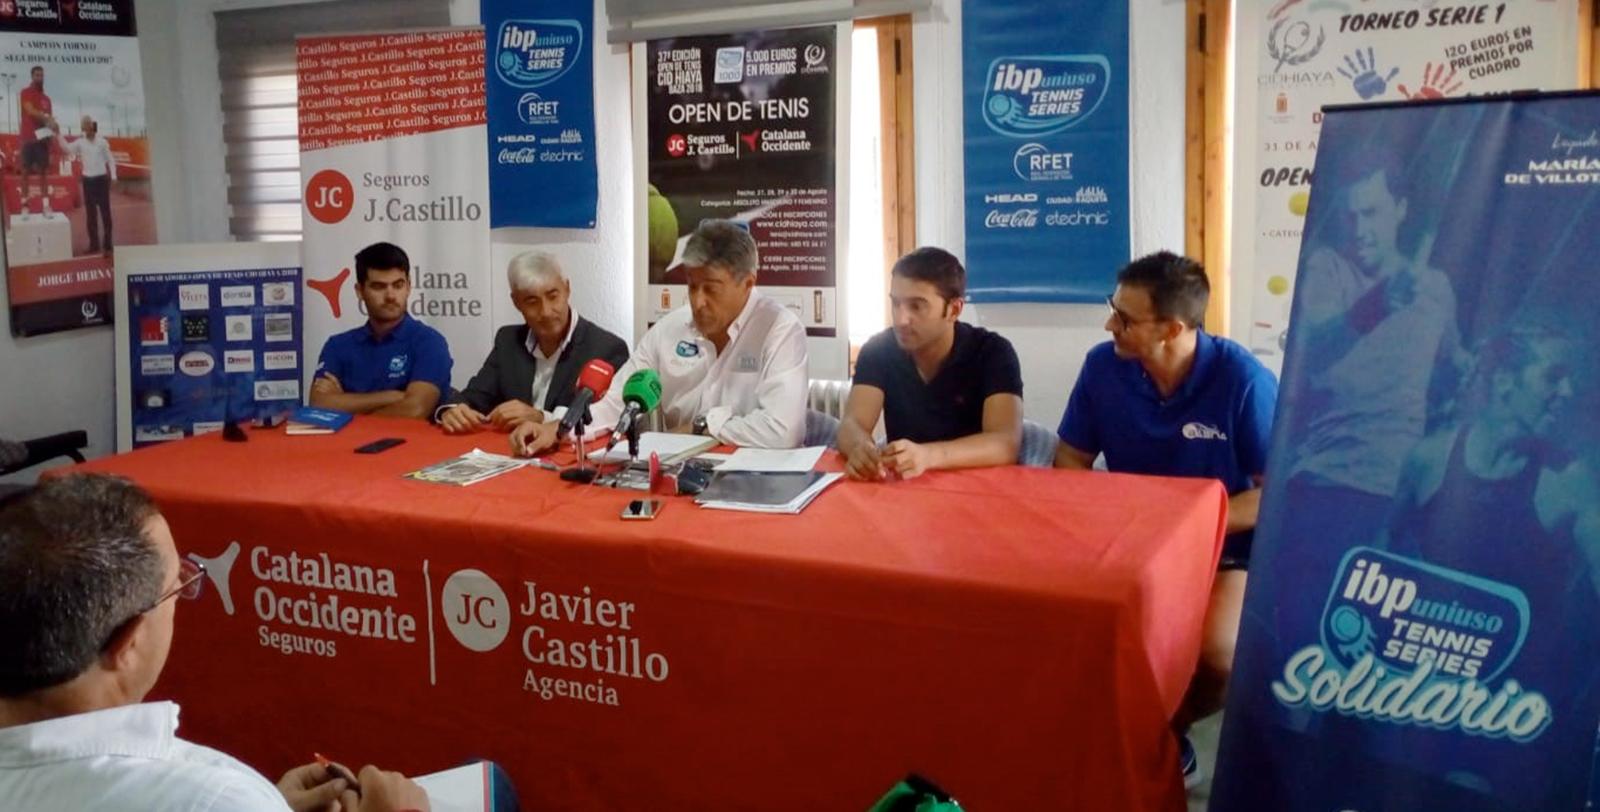 Compromiso Social Presentación Open de Tenis Segurpos J. Castillo.